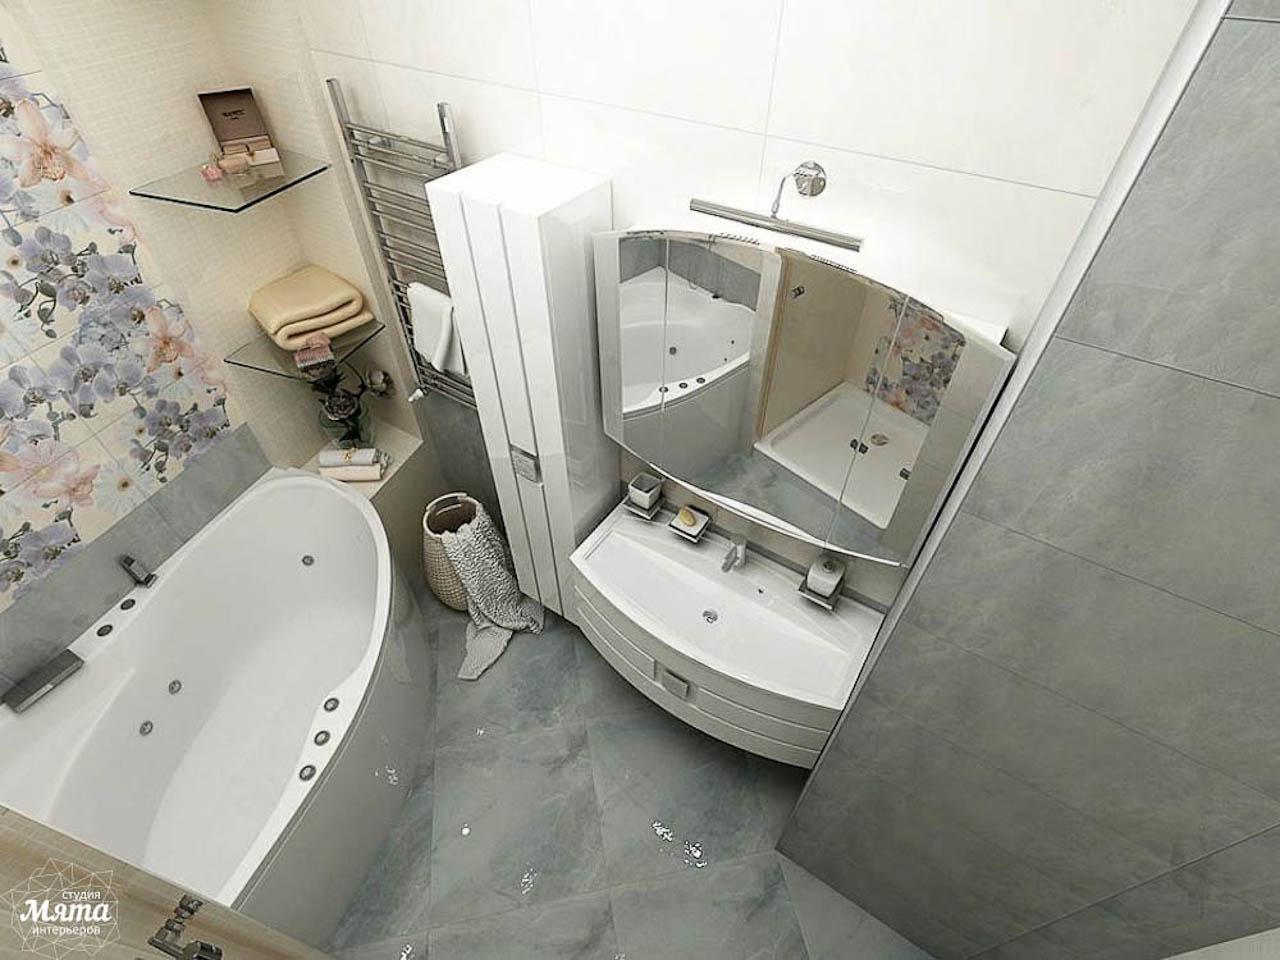 Дизайн интерьера трехкомнатной квартиры по ул. Куйбышева 80/1 img430268598